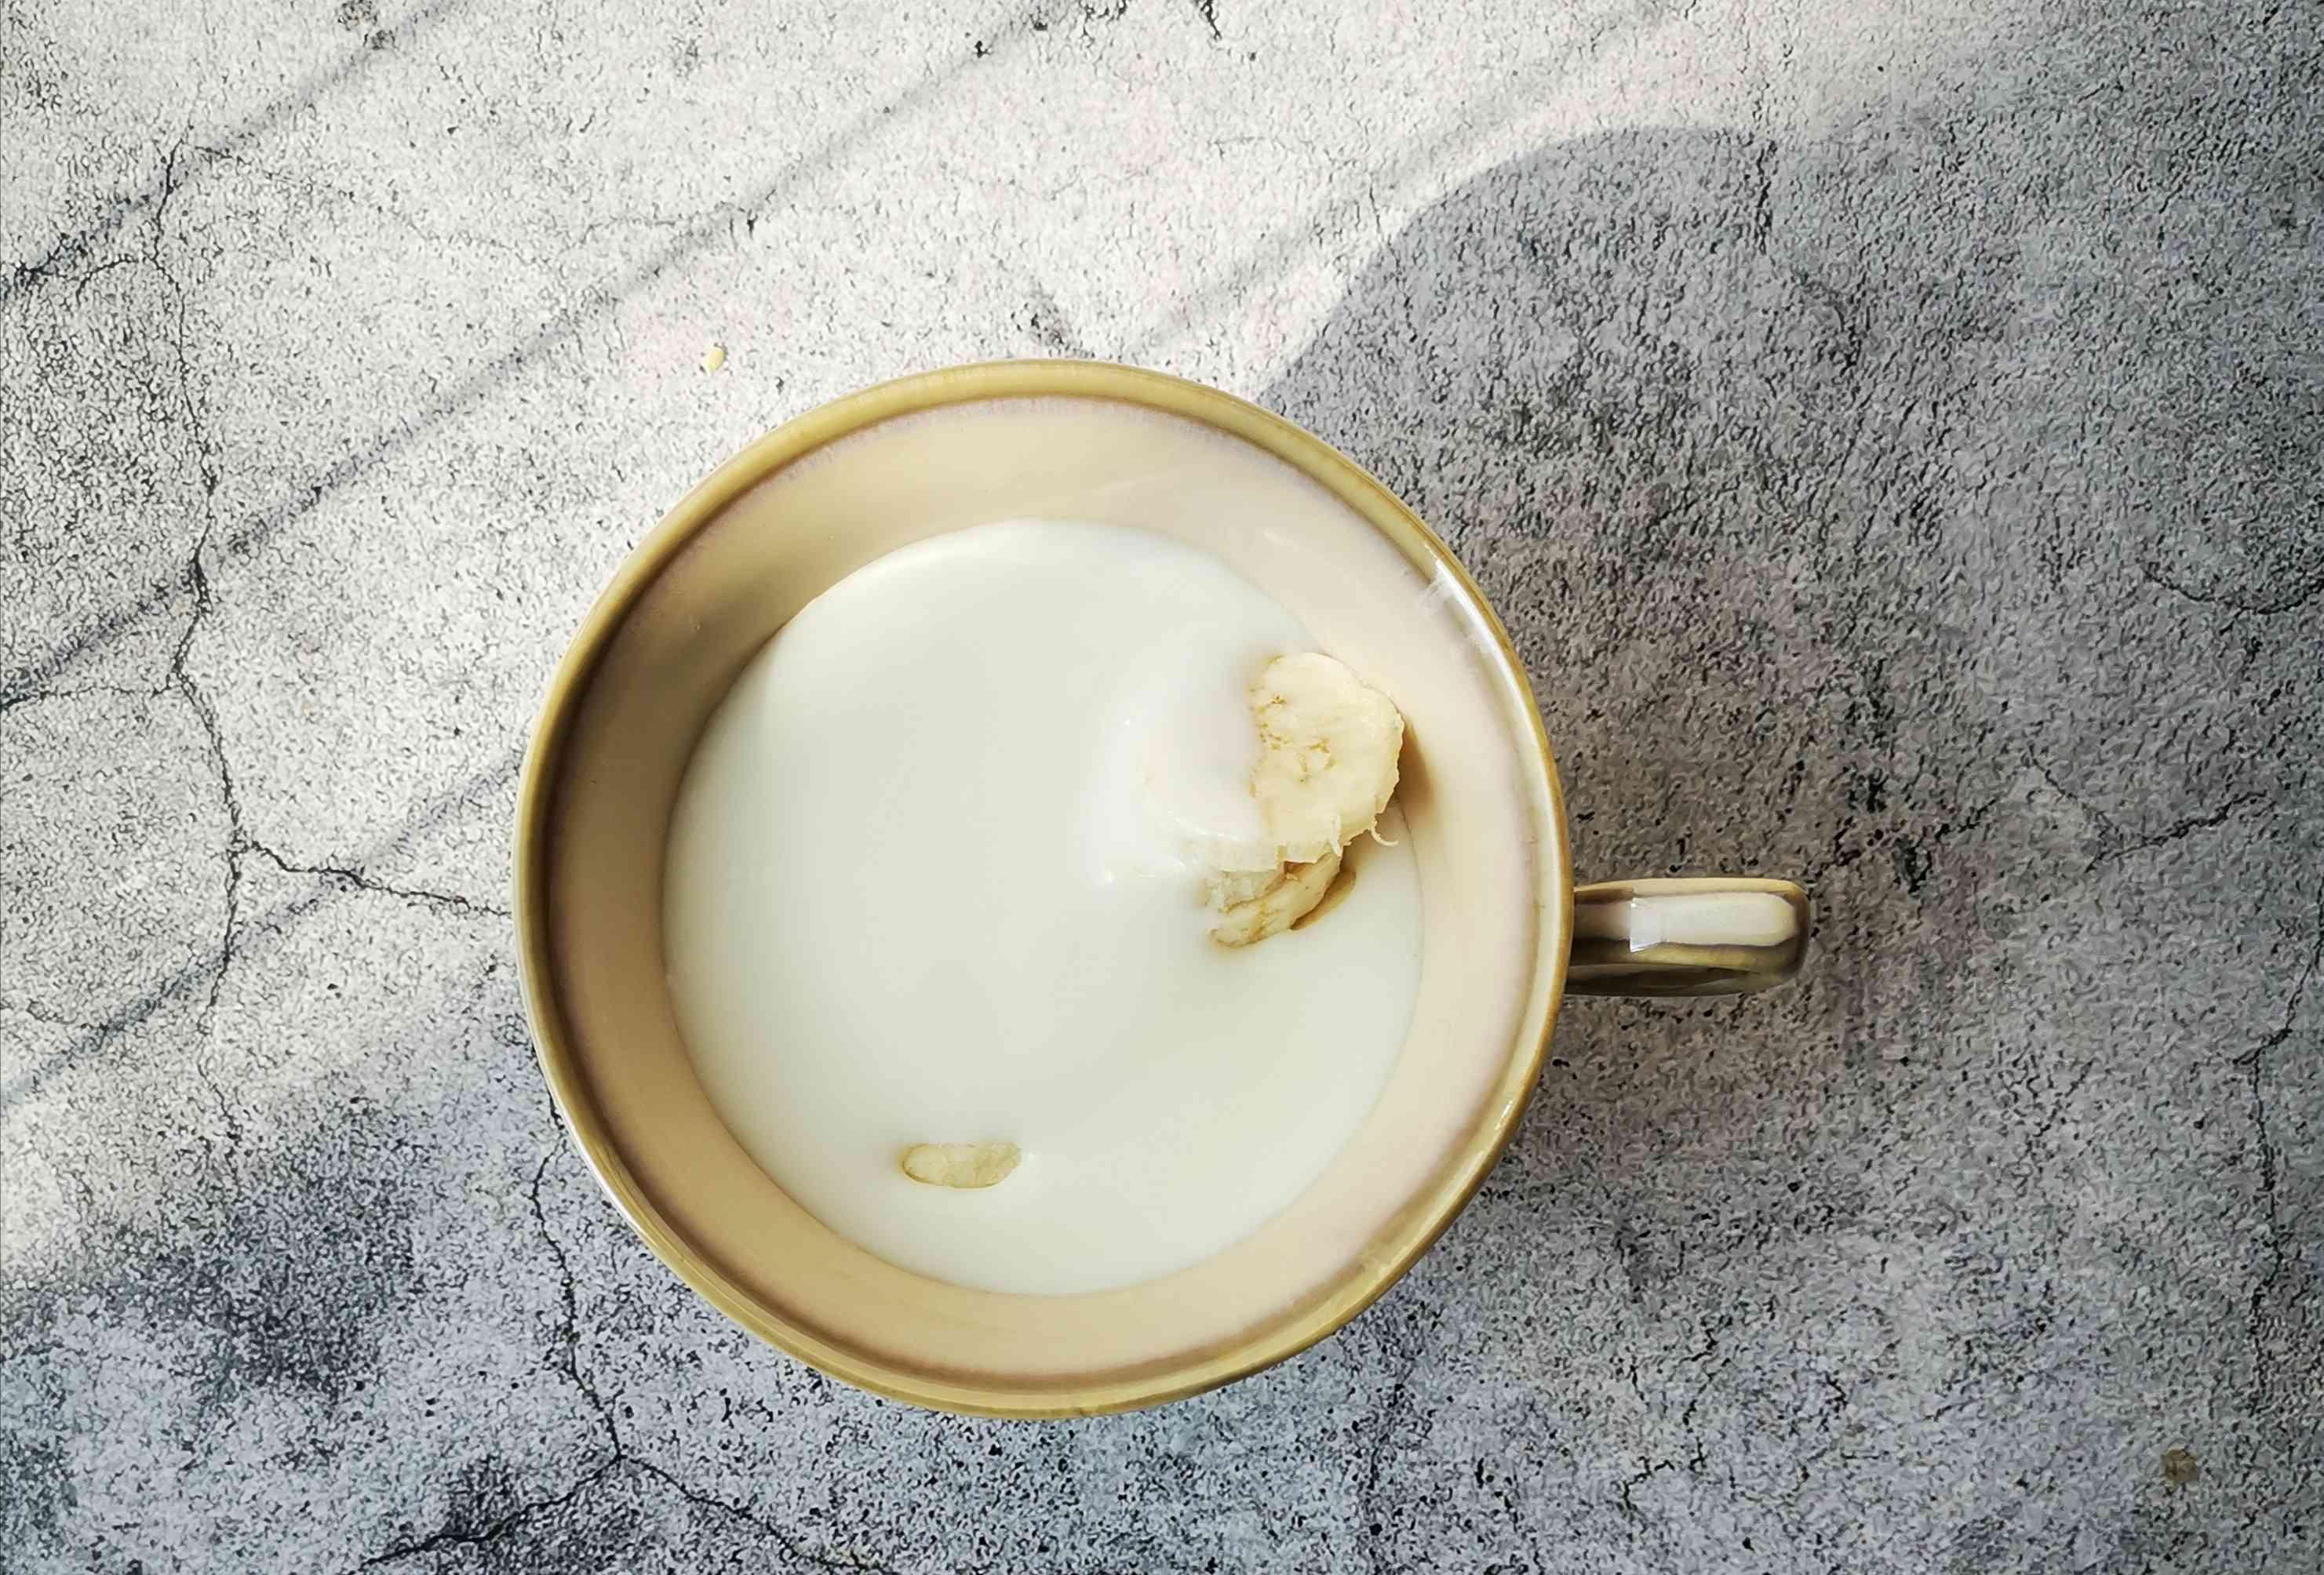 芭蕉酸奶拌麦片的简单做法